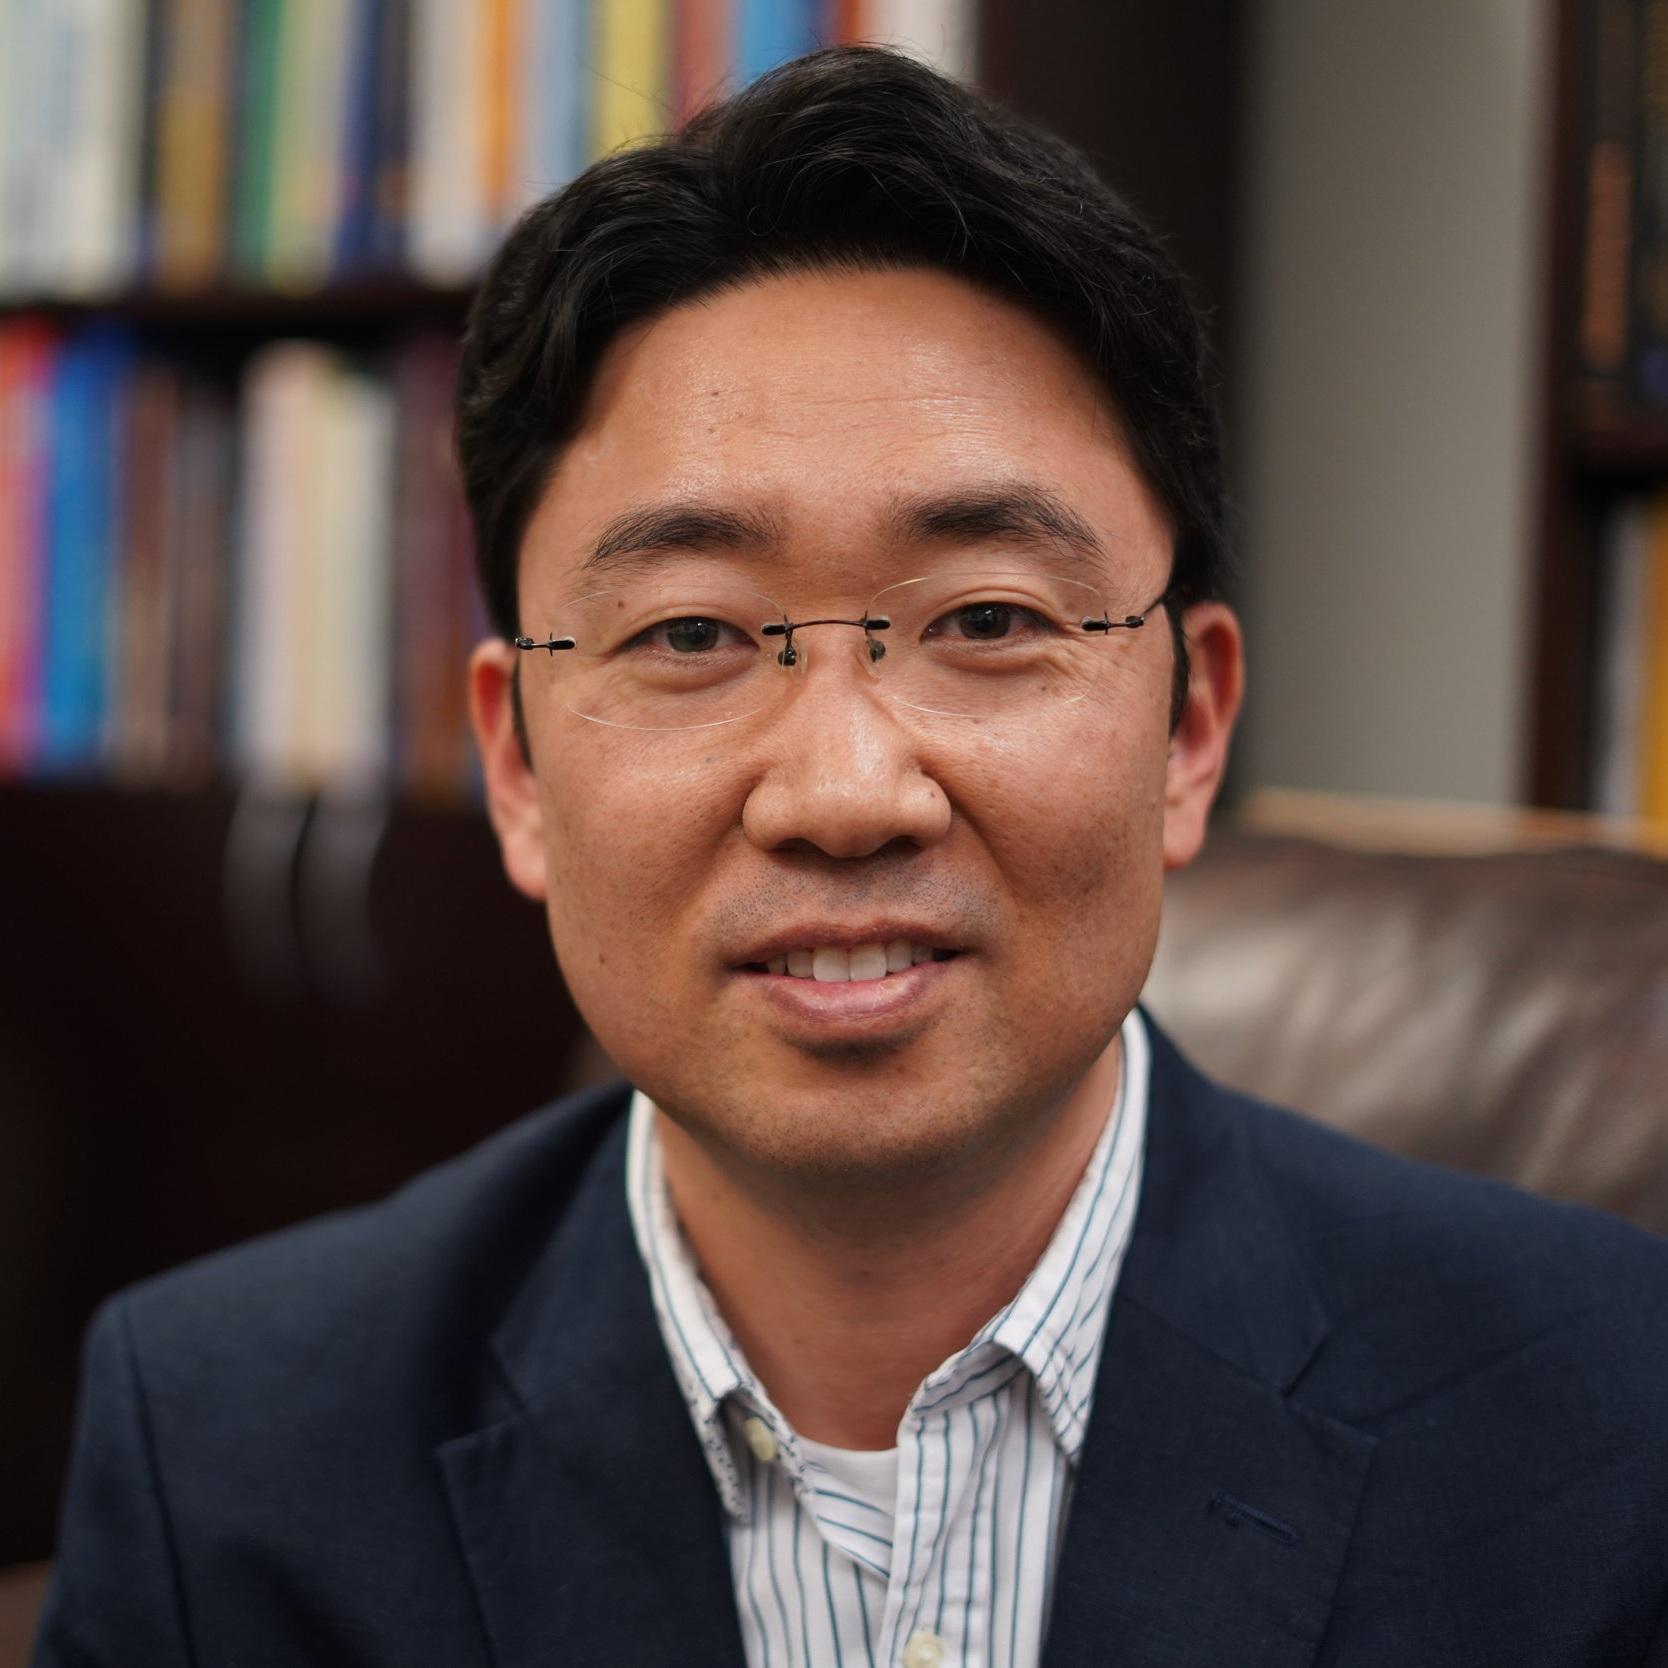 이종천 교수 (Dr. Jong Cheon Lee)  조교수 — LaTourneau University